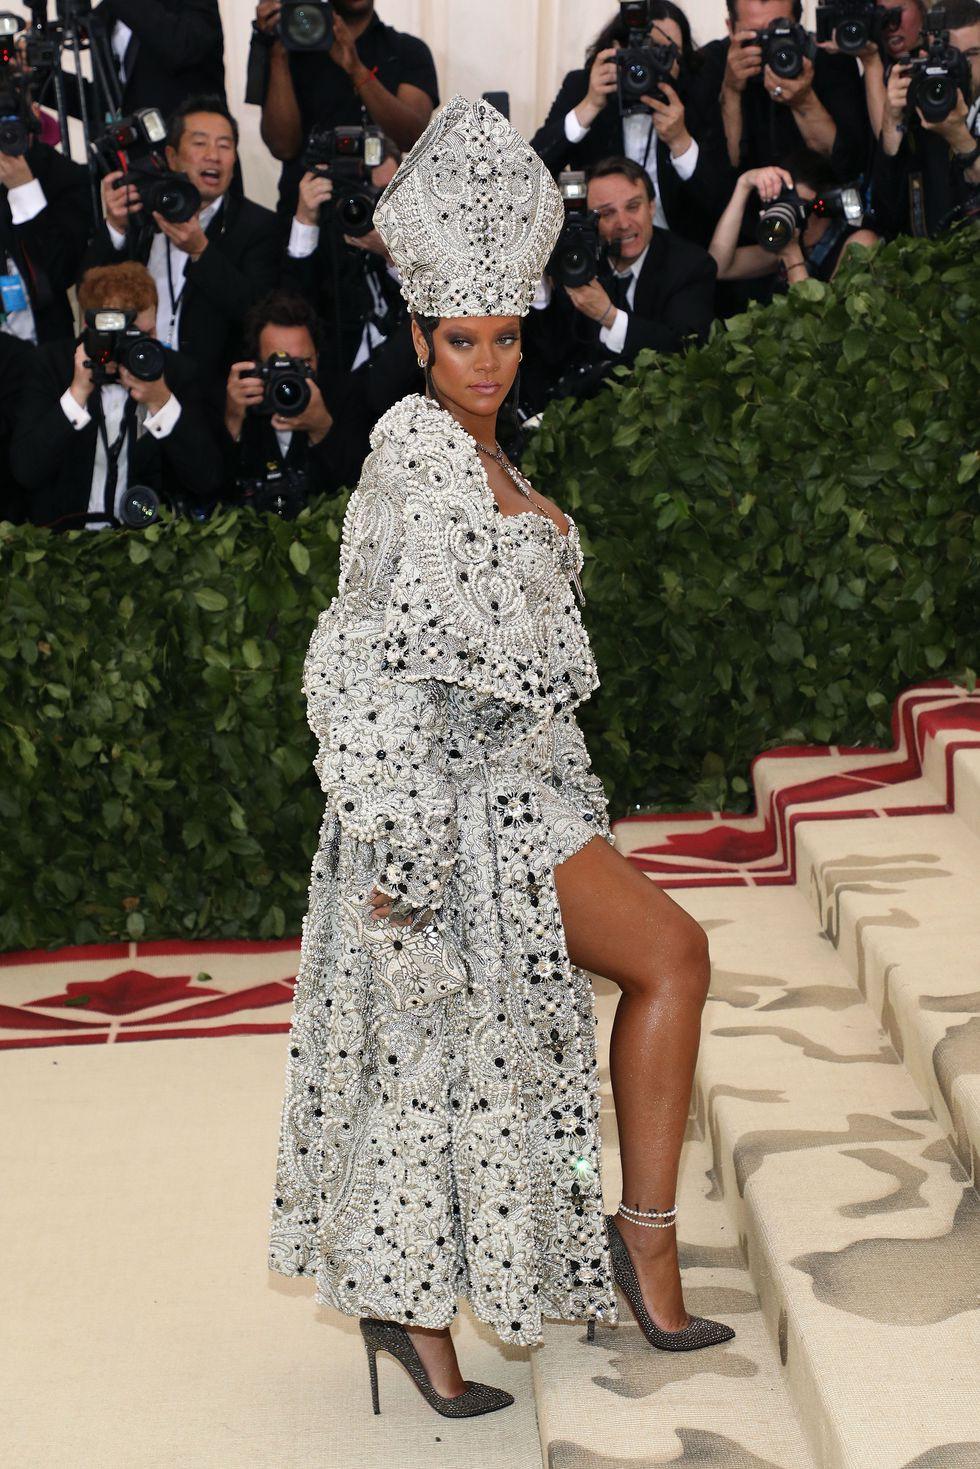 10 sự kiện thời trang đáng nhớ nhất 2018: từ thảm đỏ Quả Cầu Vàng nhuốm sắc đen đến show diễn nội y có cả người mẫu chuẩn bị chuyển dạ của Rihanna - Ảnh 4.